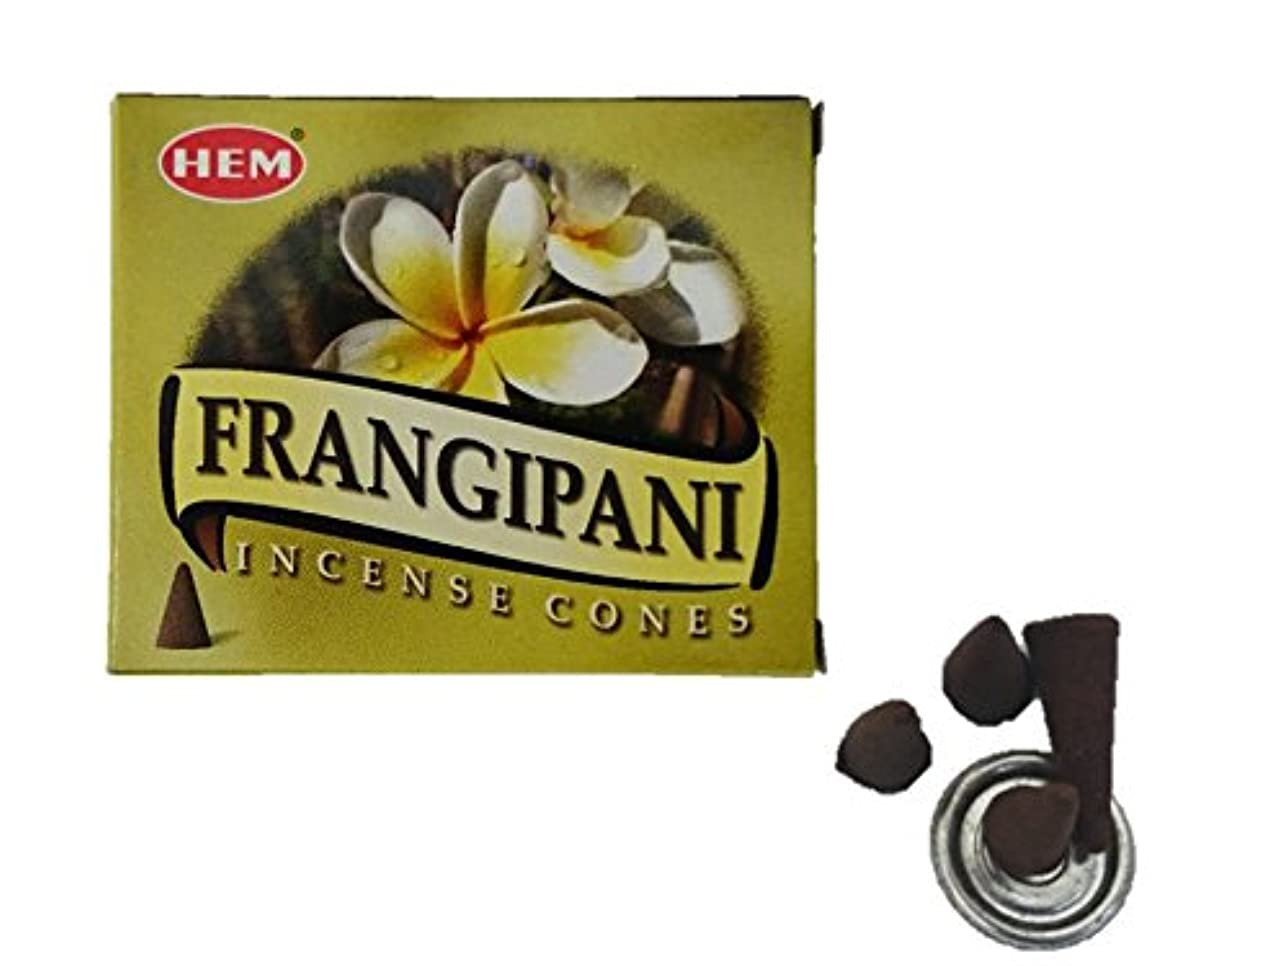 スクレーパー所有権可愛いHEM(ヘム)お香 フランジパニ コーン 1箱